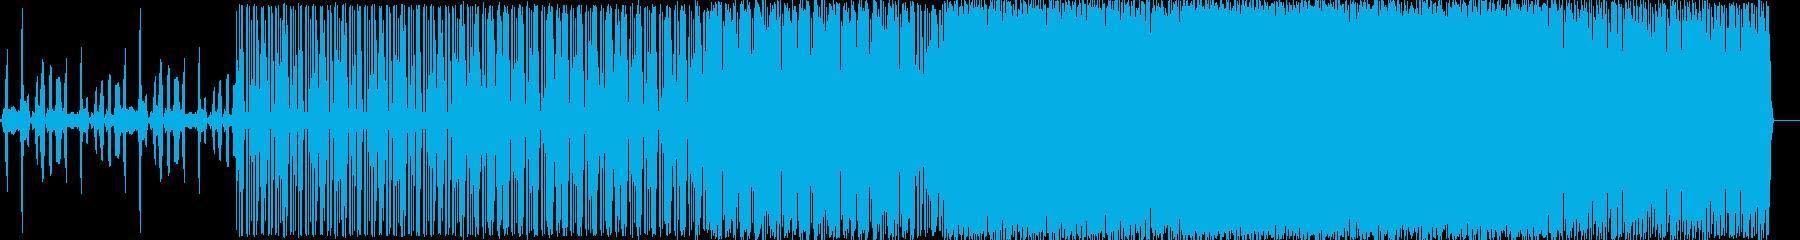 少し不気味な雰囲気のテクノの再生済みの波形